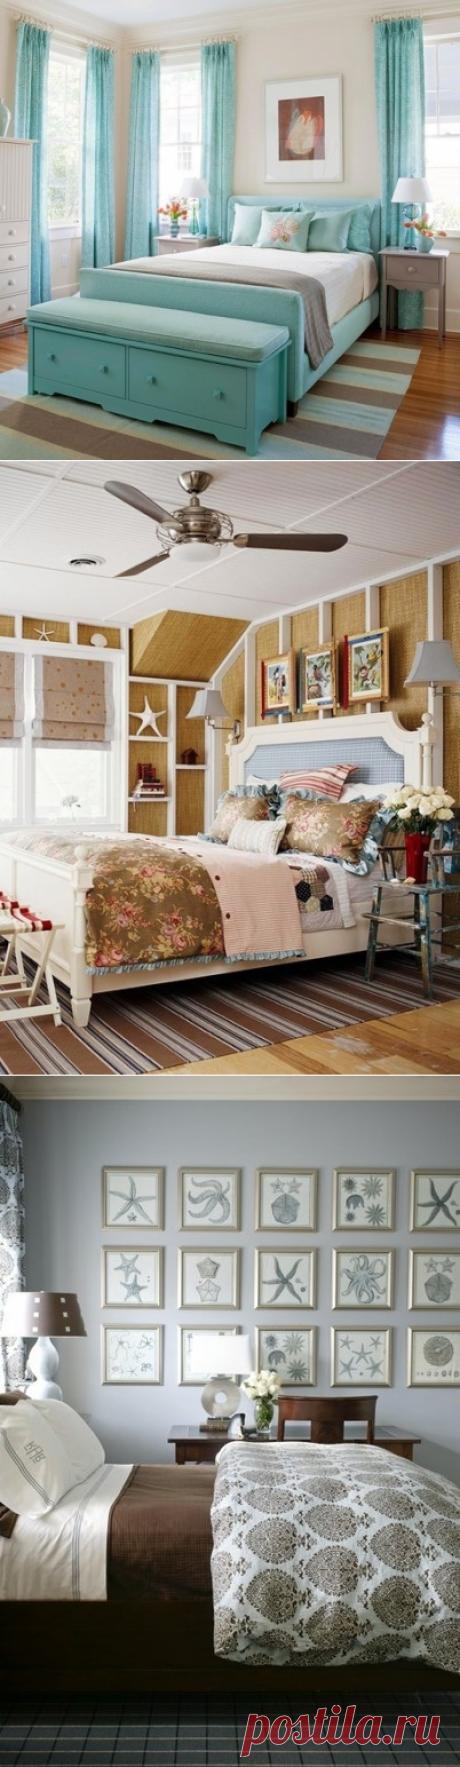 Морская тематика в спальне - Дизайн интерьеров | Идеи вашего дома | Lodgers